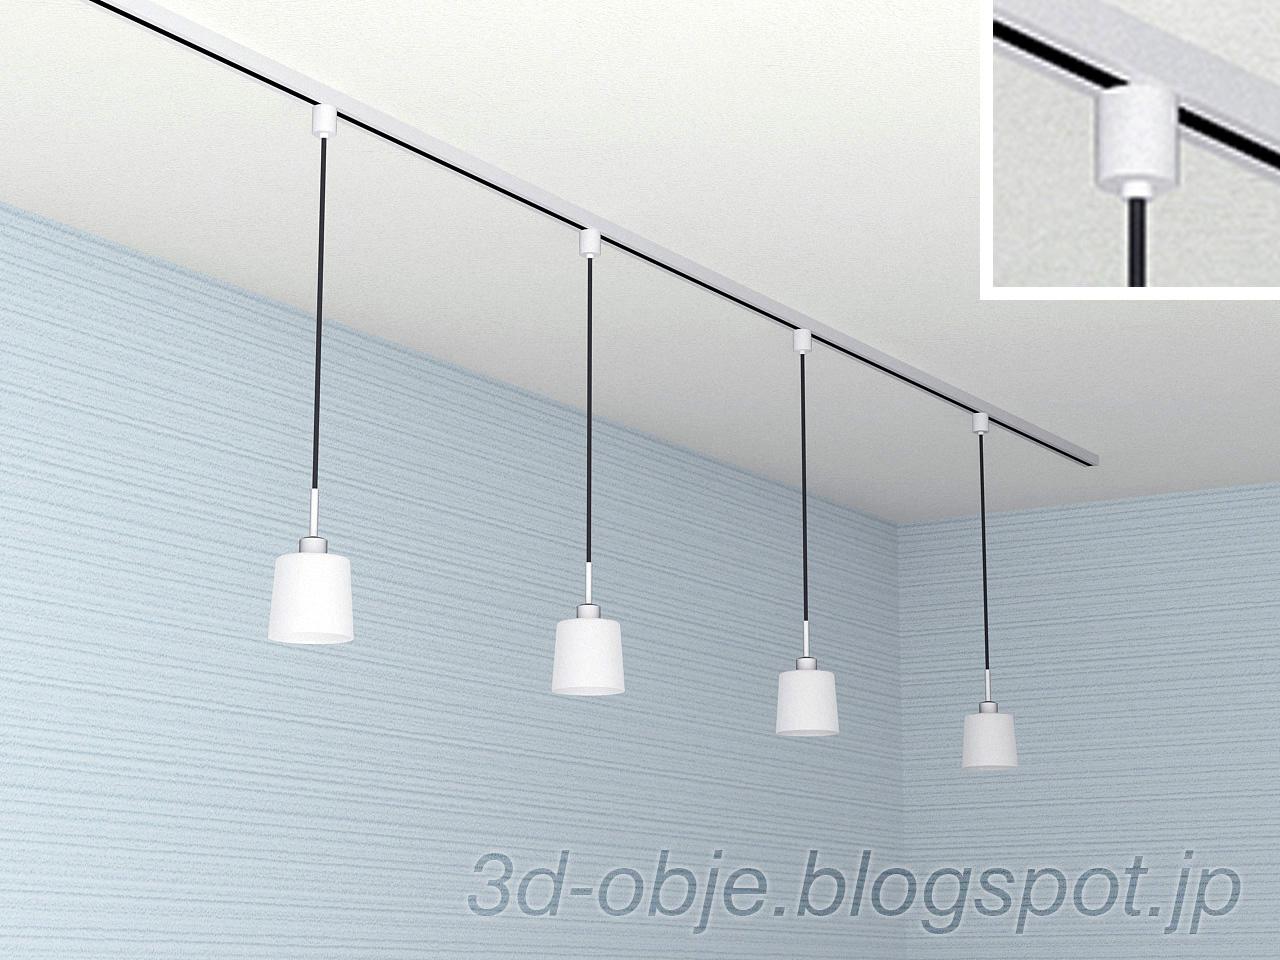 ペンダントライト [PDL_001] - Pendant light